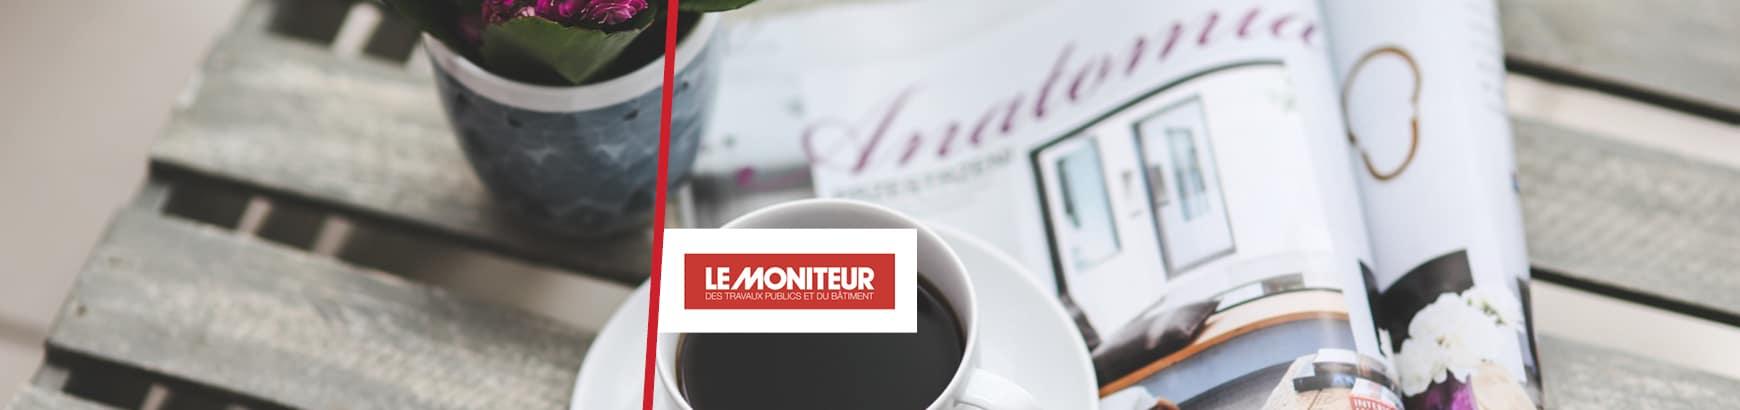 Le Moniteur : Le Groupe MFC garde sa dynamique